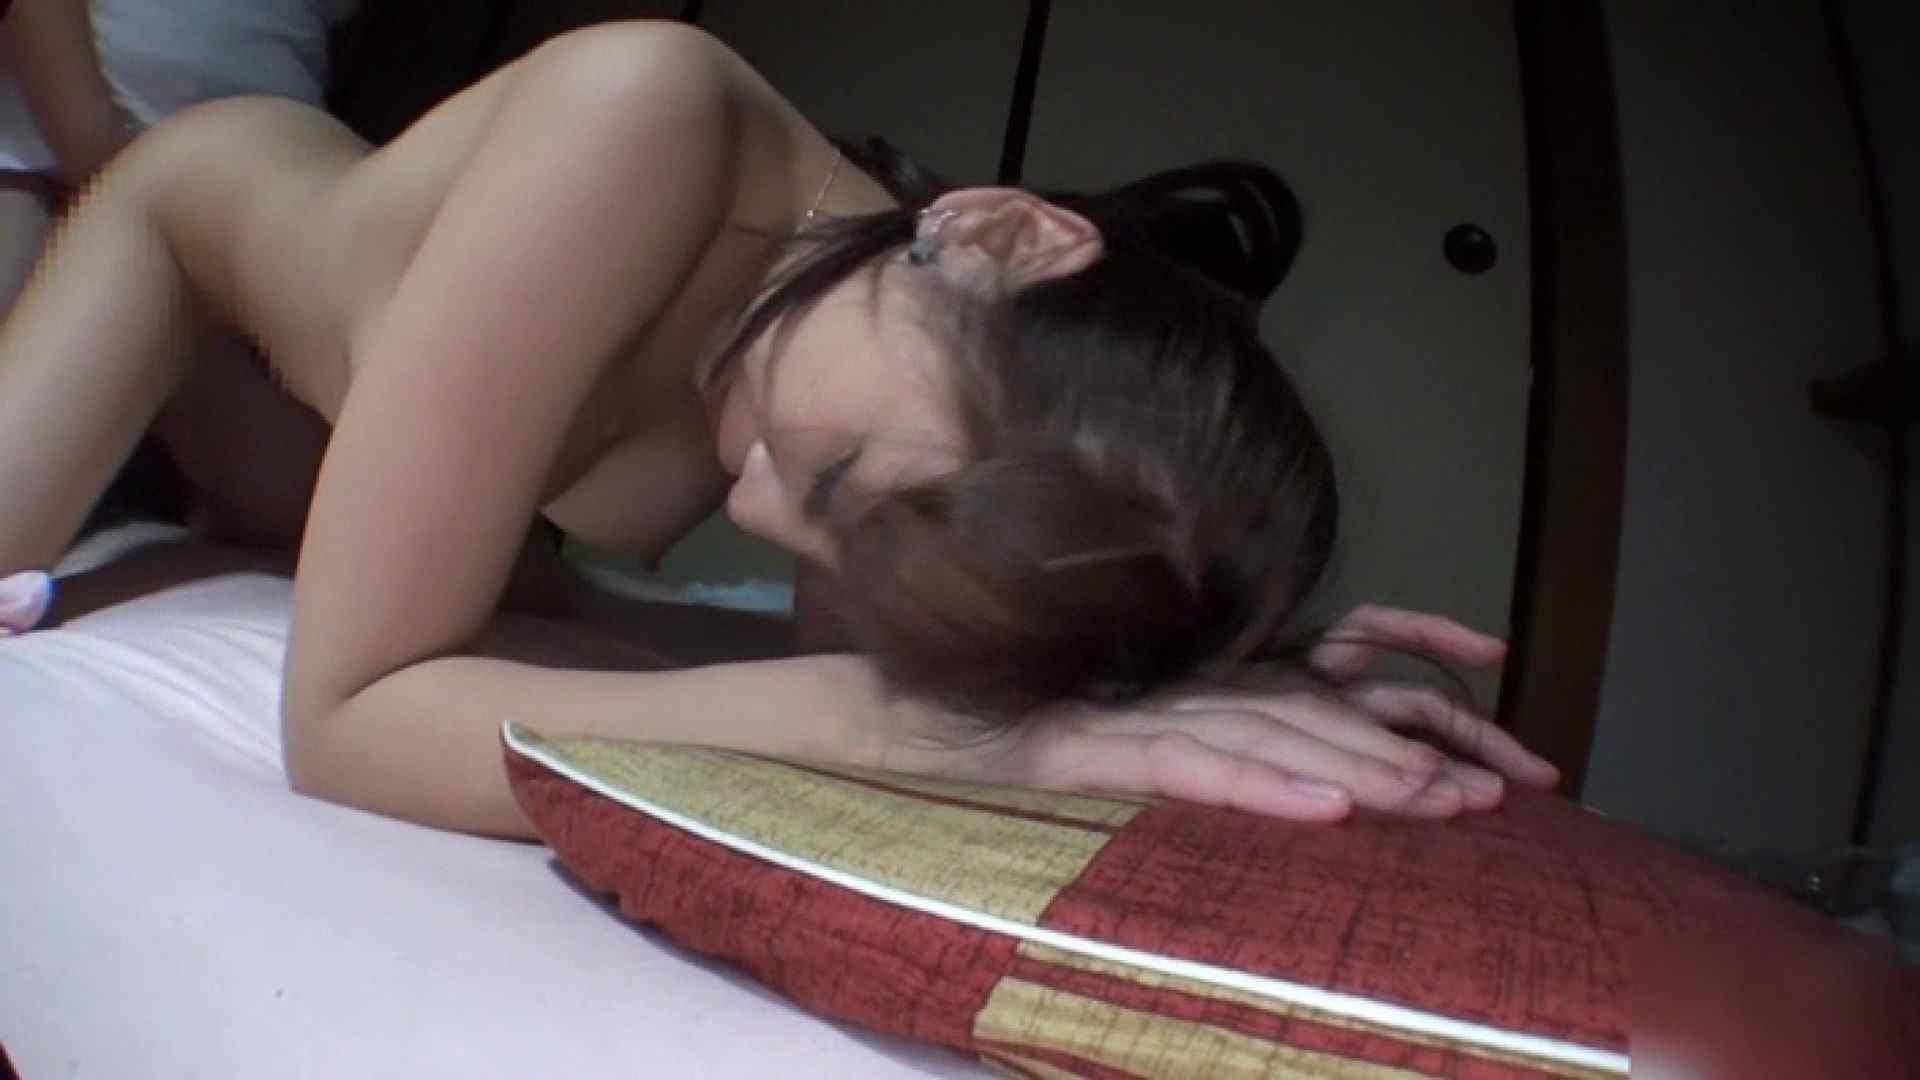 おしえてギャル子のH塾 Vol.04 後編 すけべなOL | S級美女ギャル  107画像 41